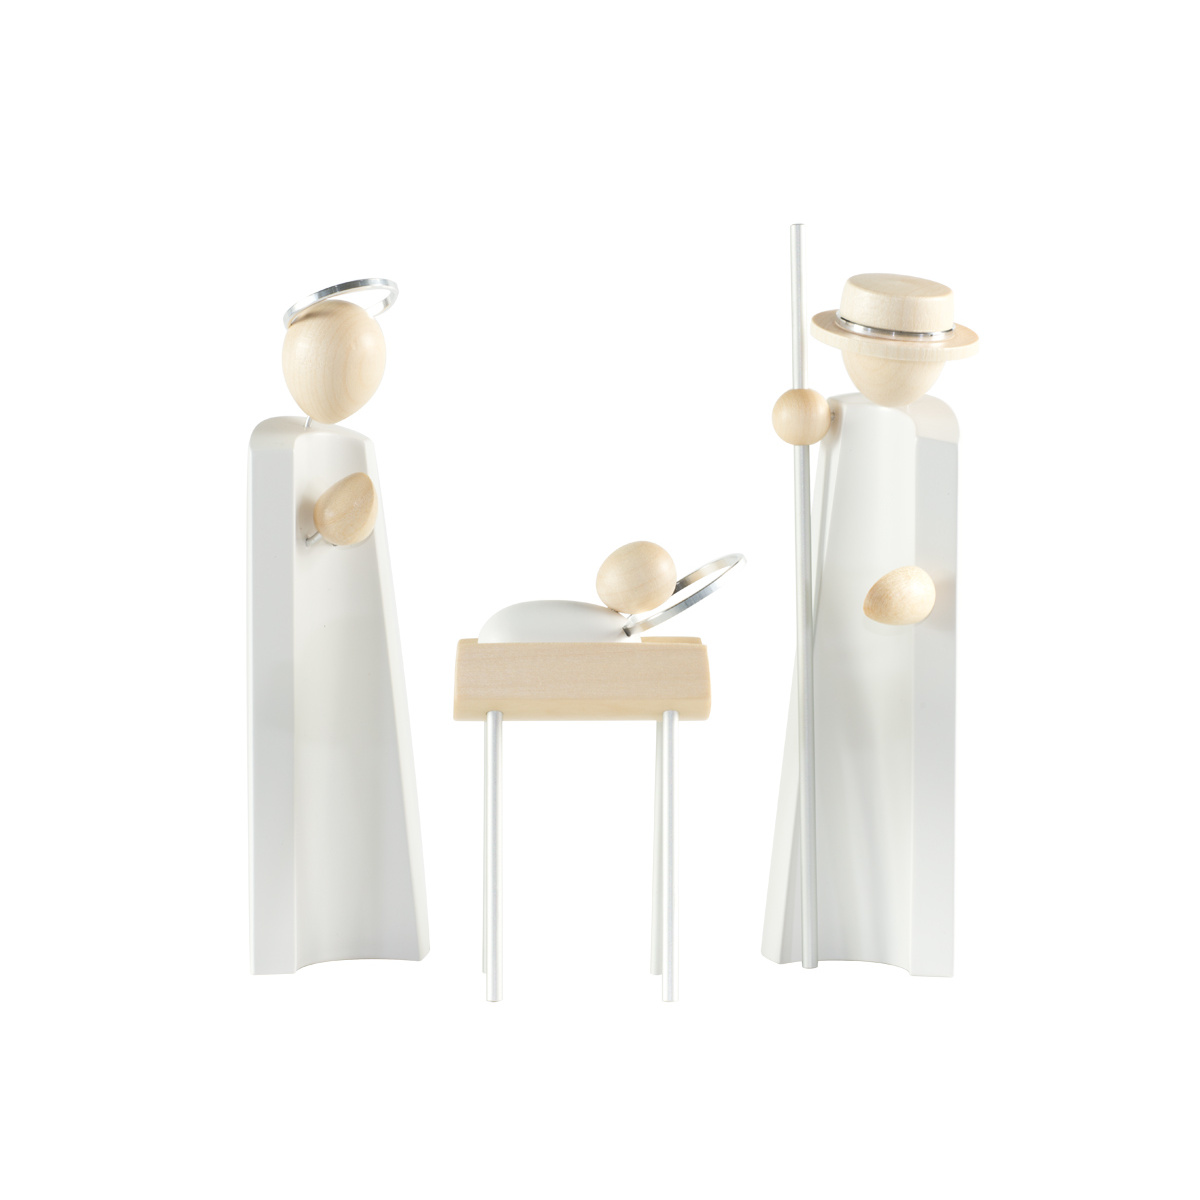 Weihnachtskrippe Heilige Familie Natur/weiu00df Von Nu00e4umanns Fu00fcr 125 U20ac Kaufen